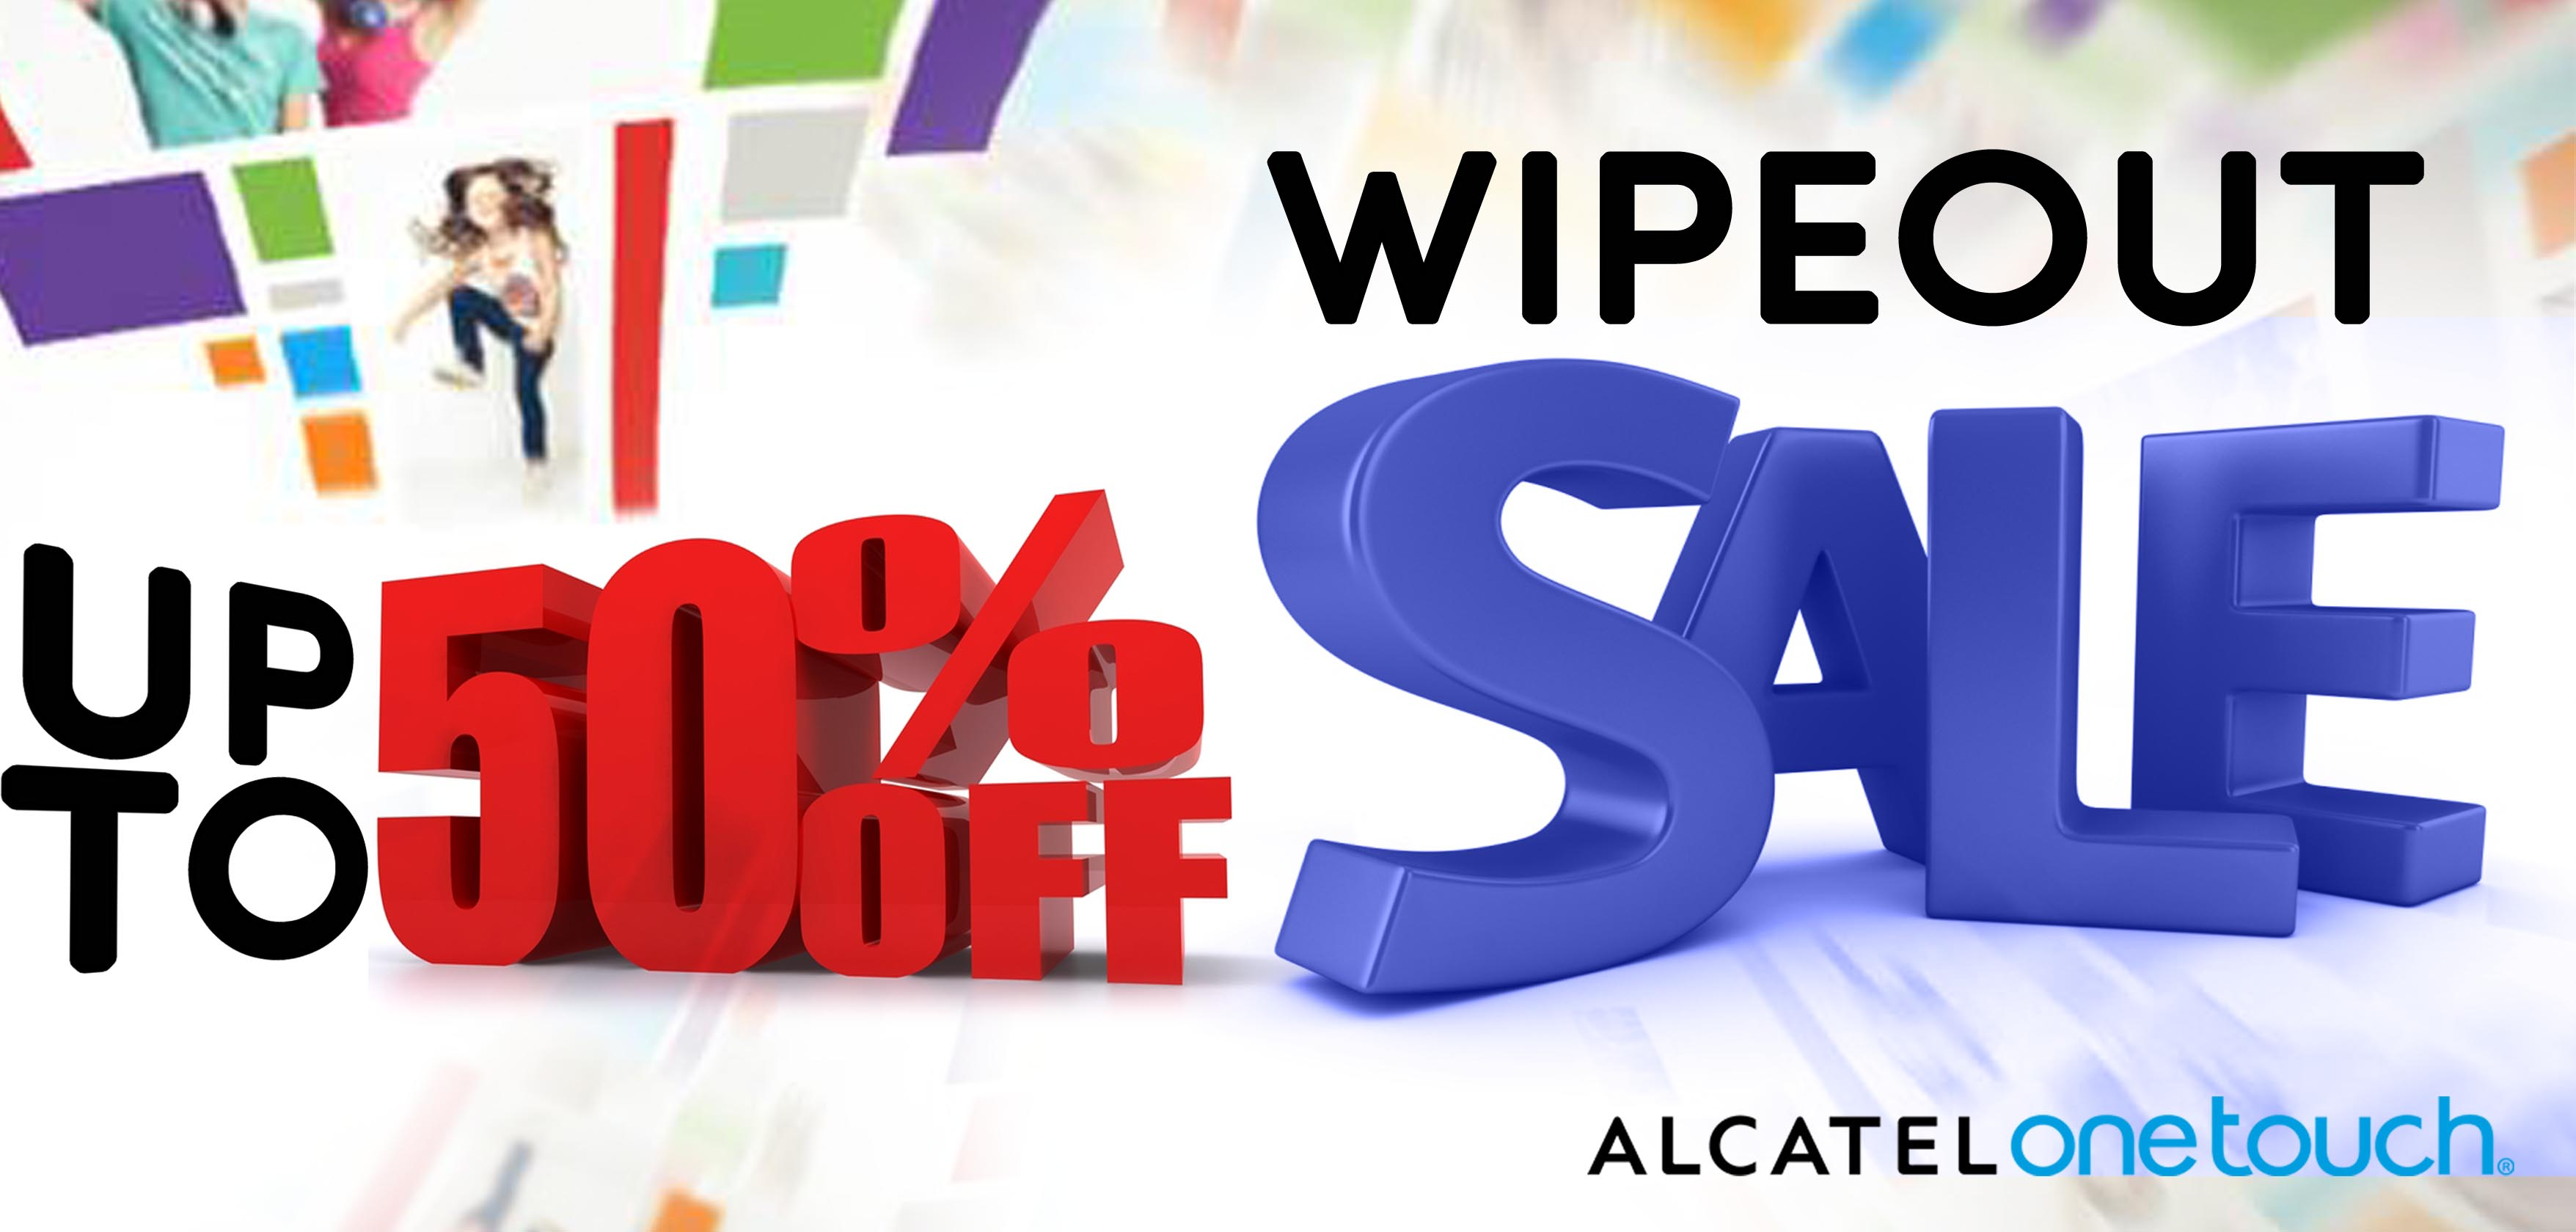 Alcatel Wipeout Sale June 2013